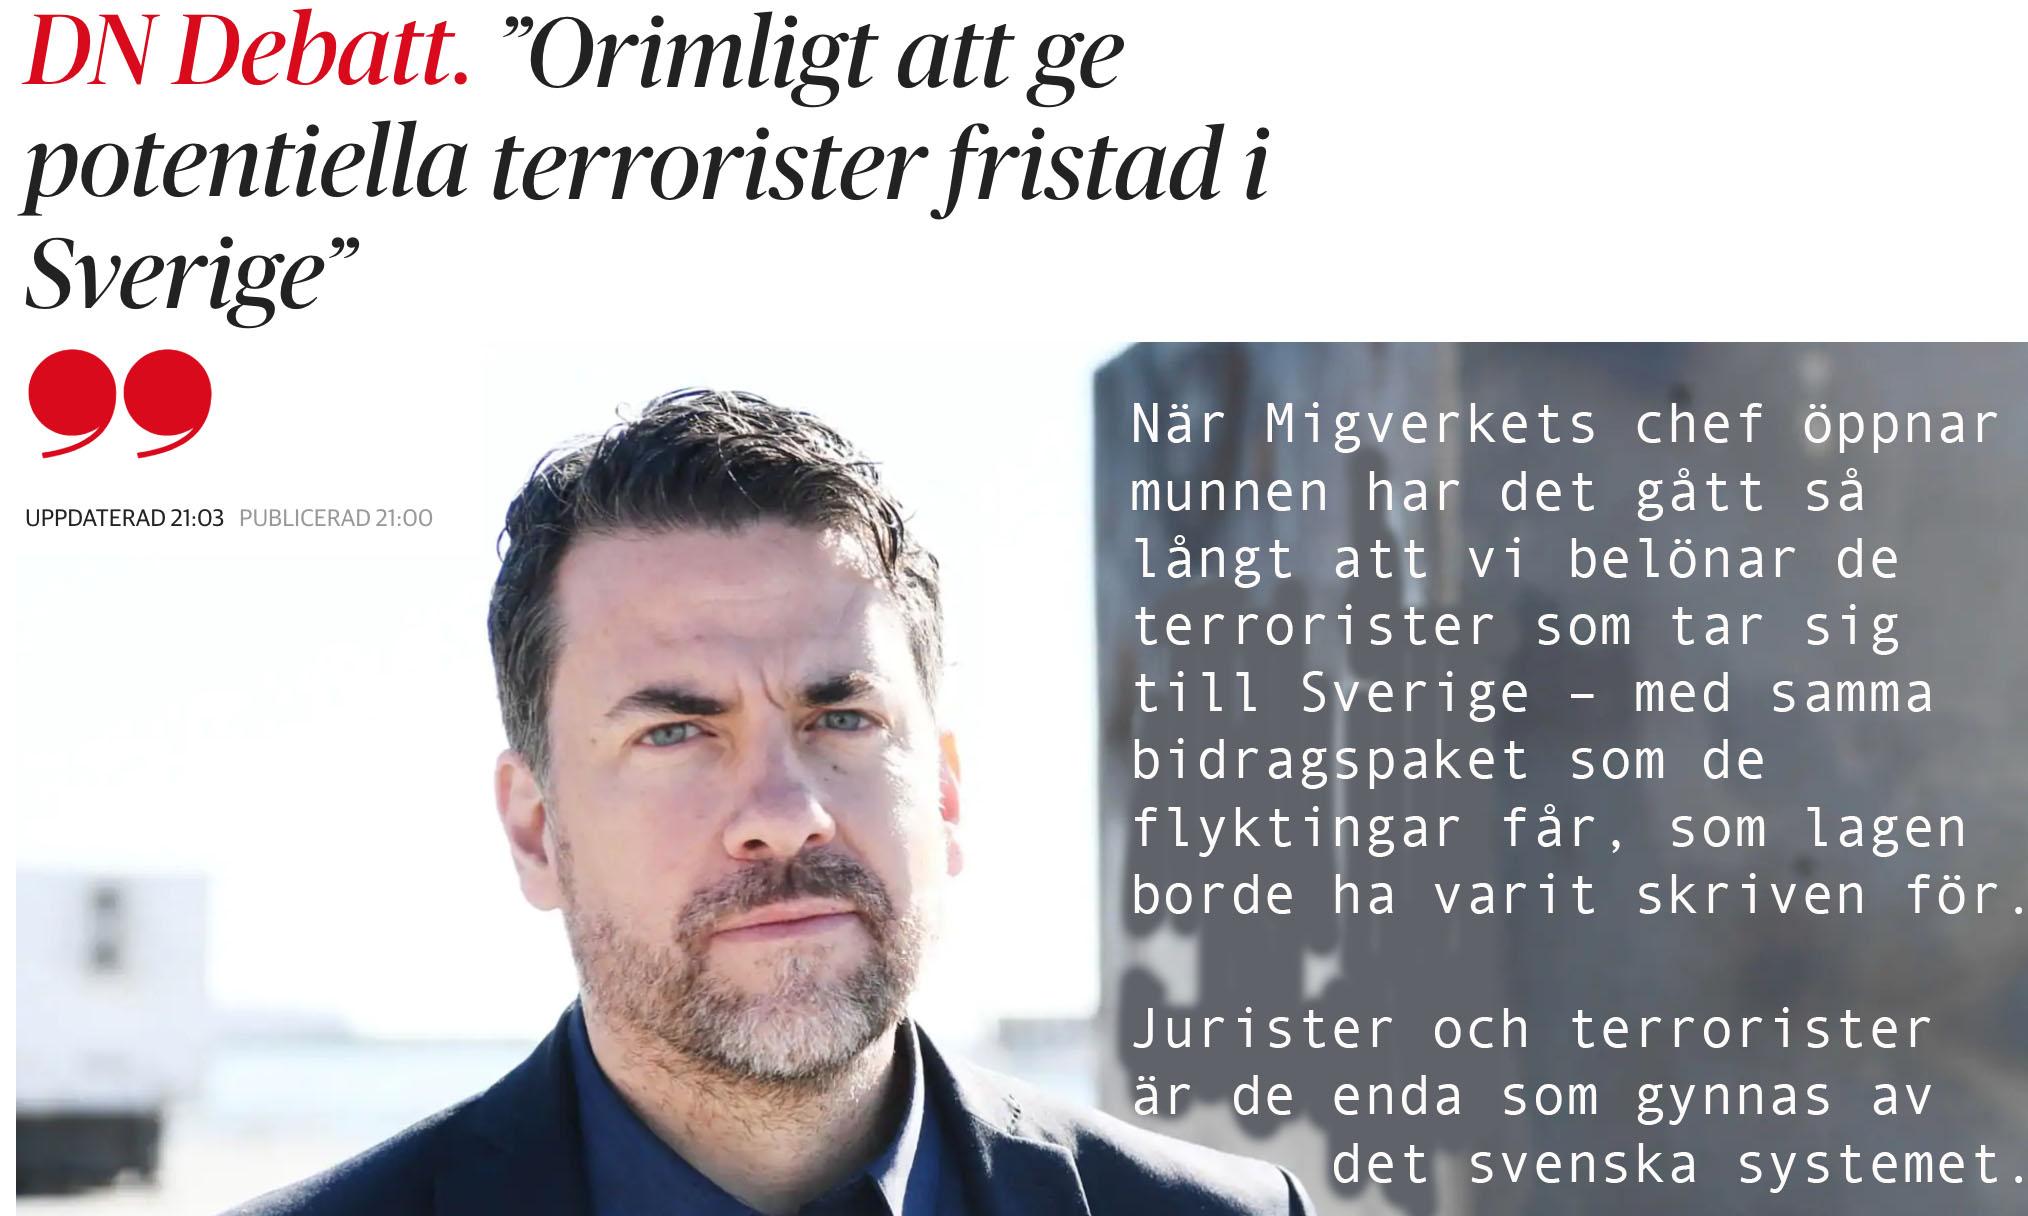 Skurkstaten Sverige, med lagar som i praktiken bara är till för terroristernas och juristernas väl.